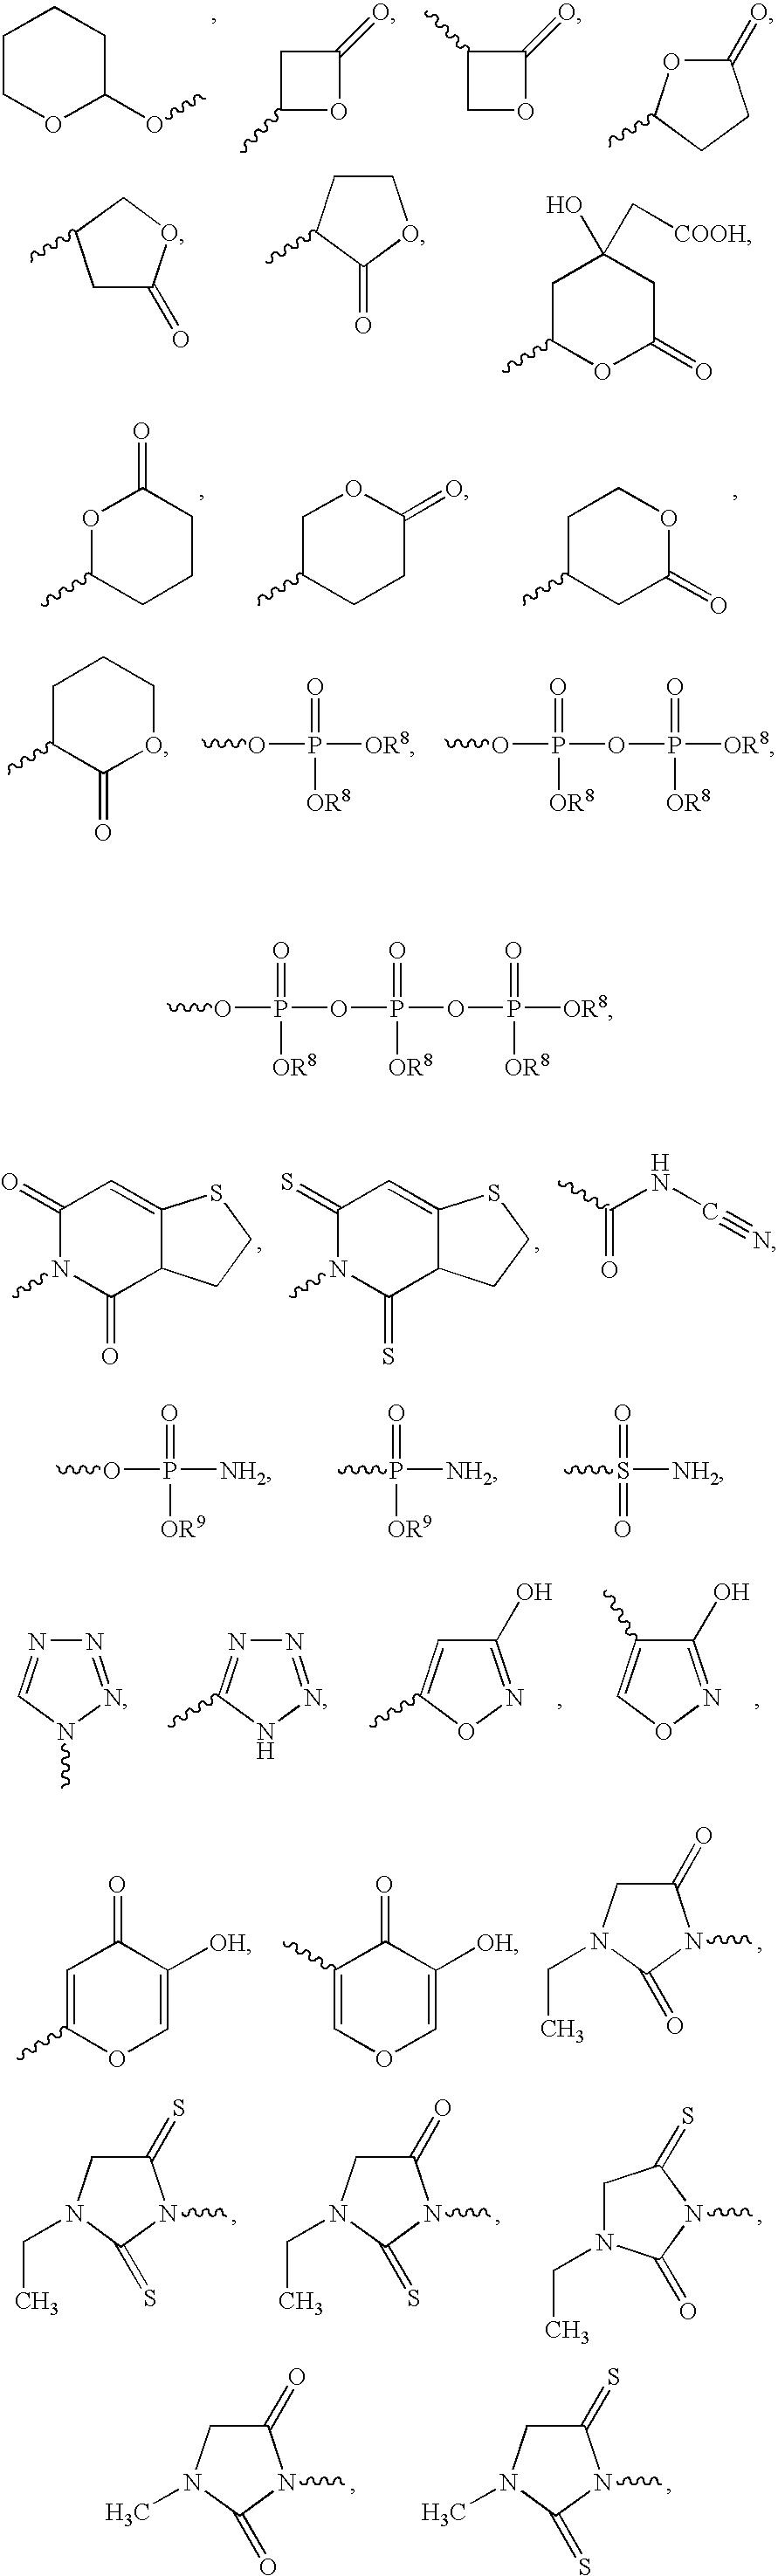 Figure US20040192771A1-20040930-C00024